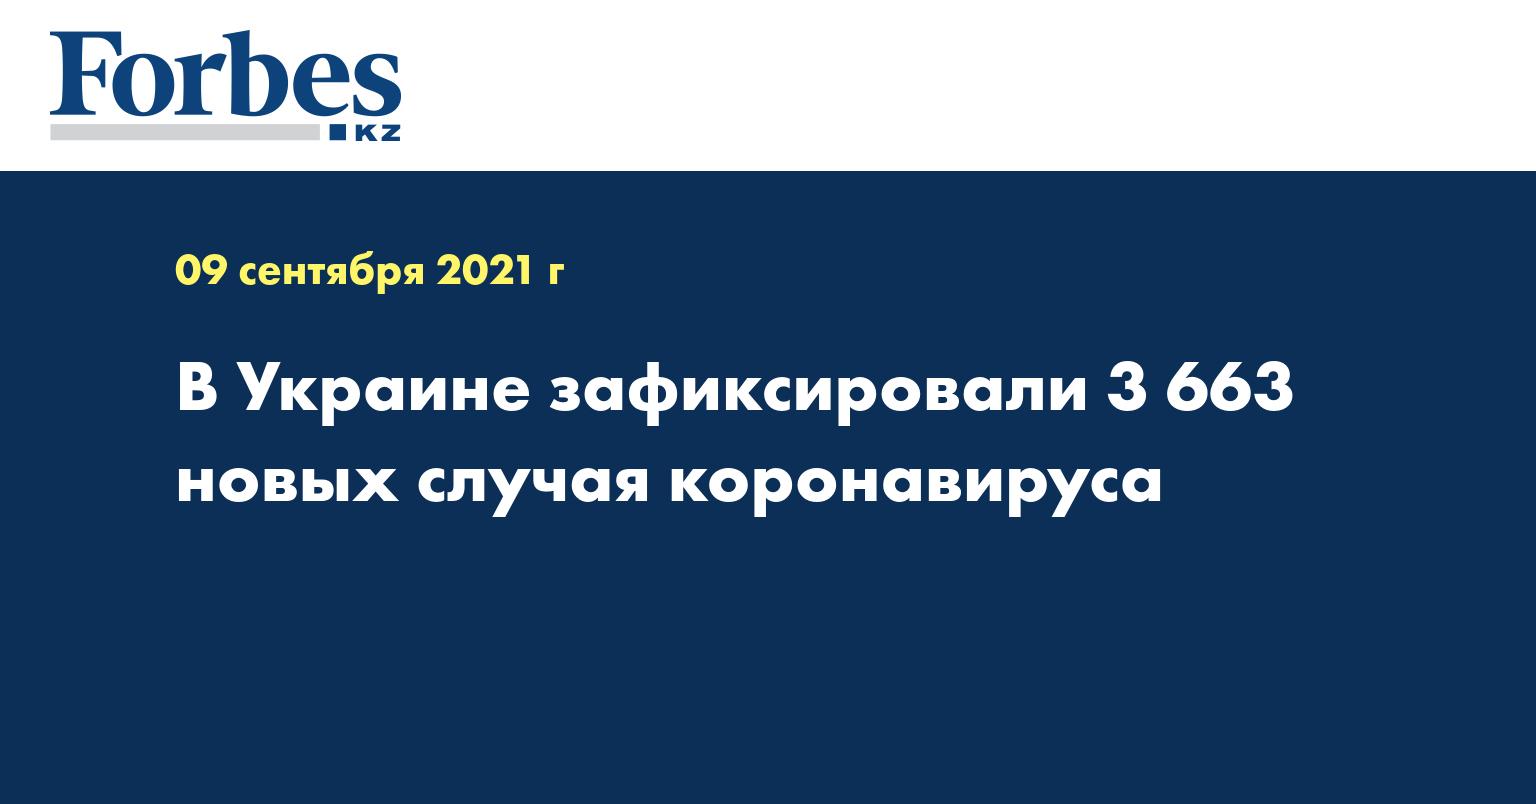 В Украине зафиксировали 3 663 новых случая коронавируса